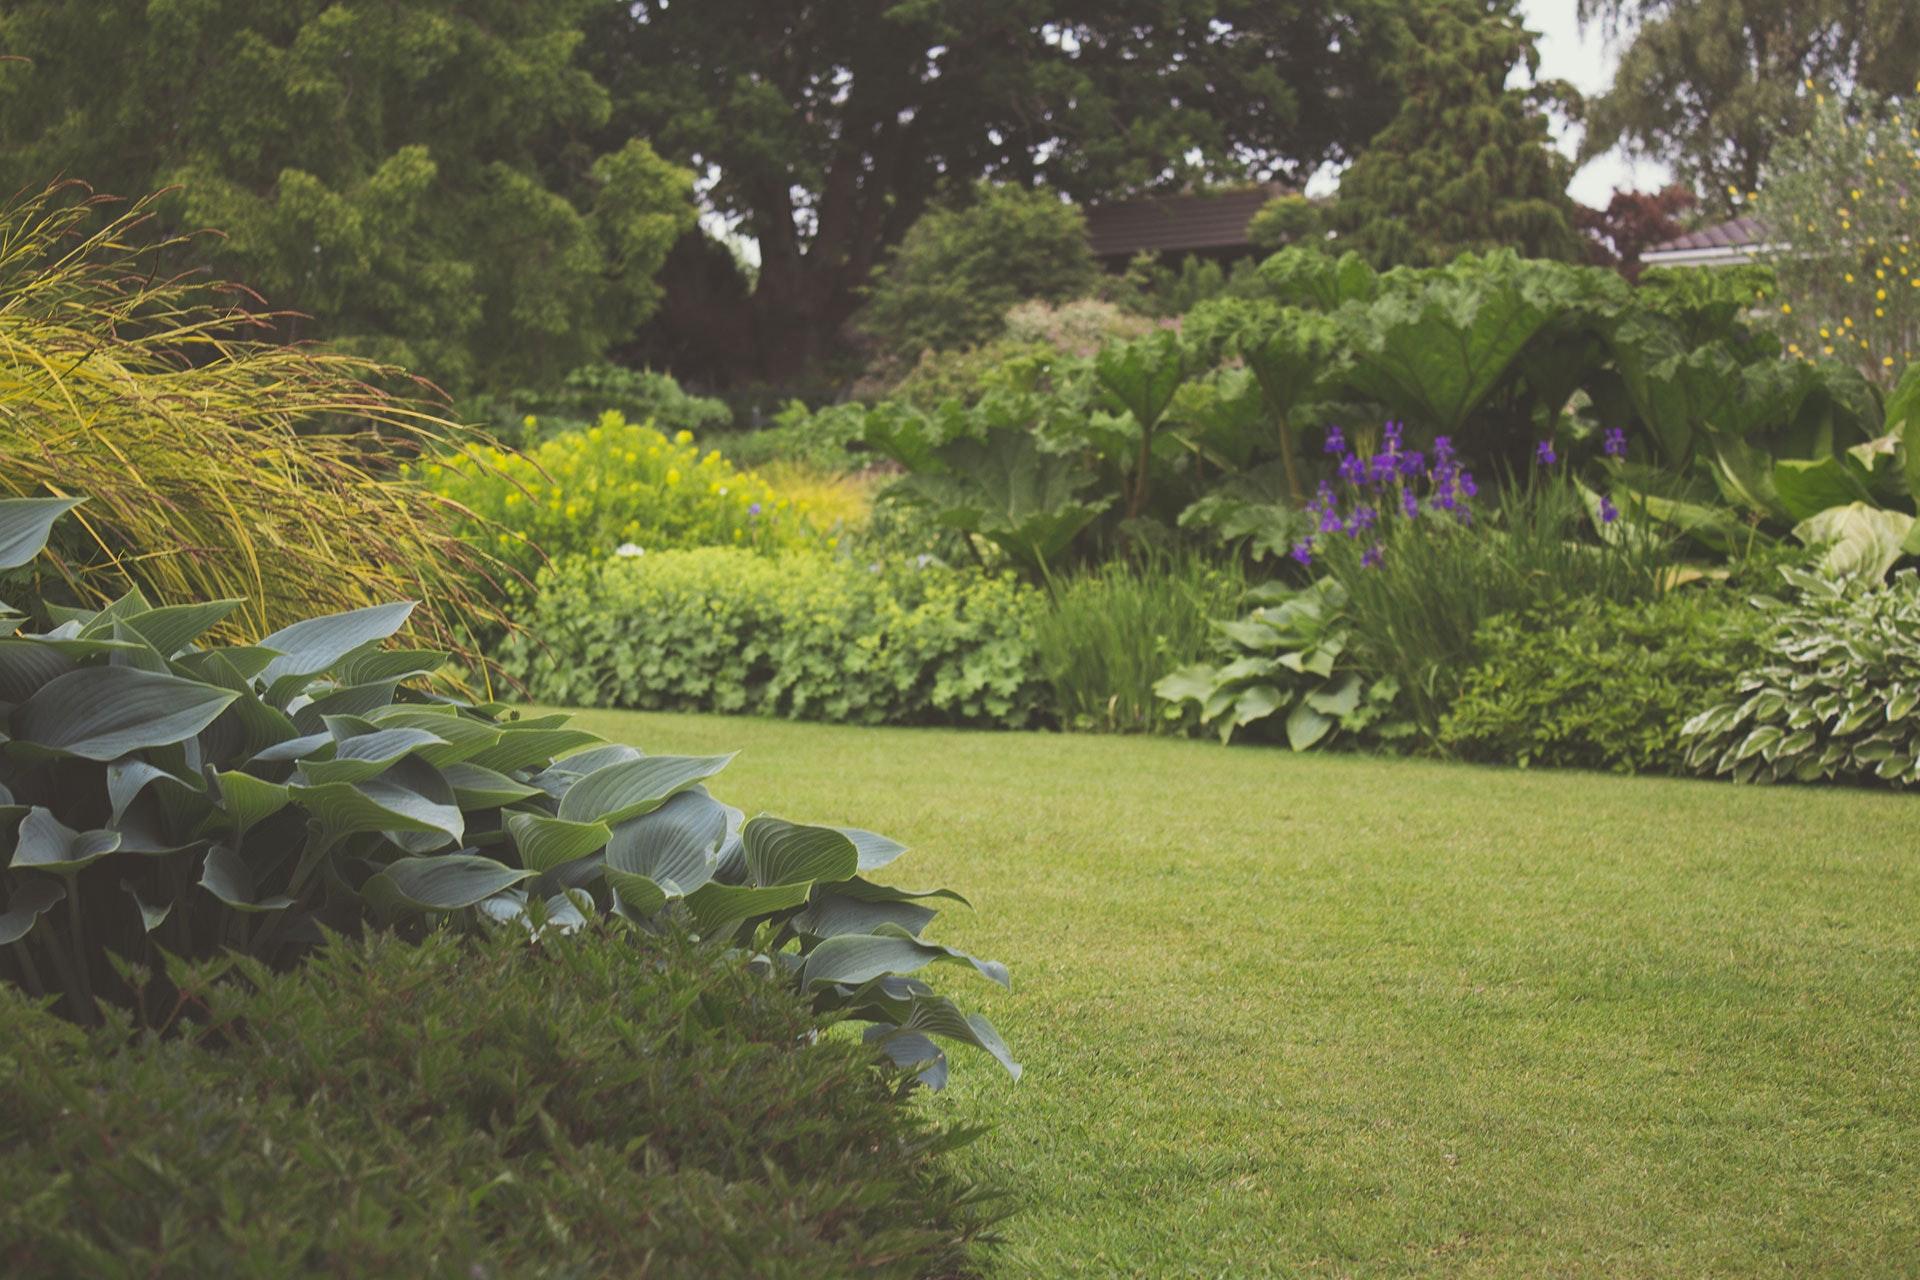 garden-grass-green-7283.jpg